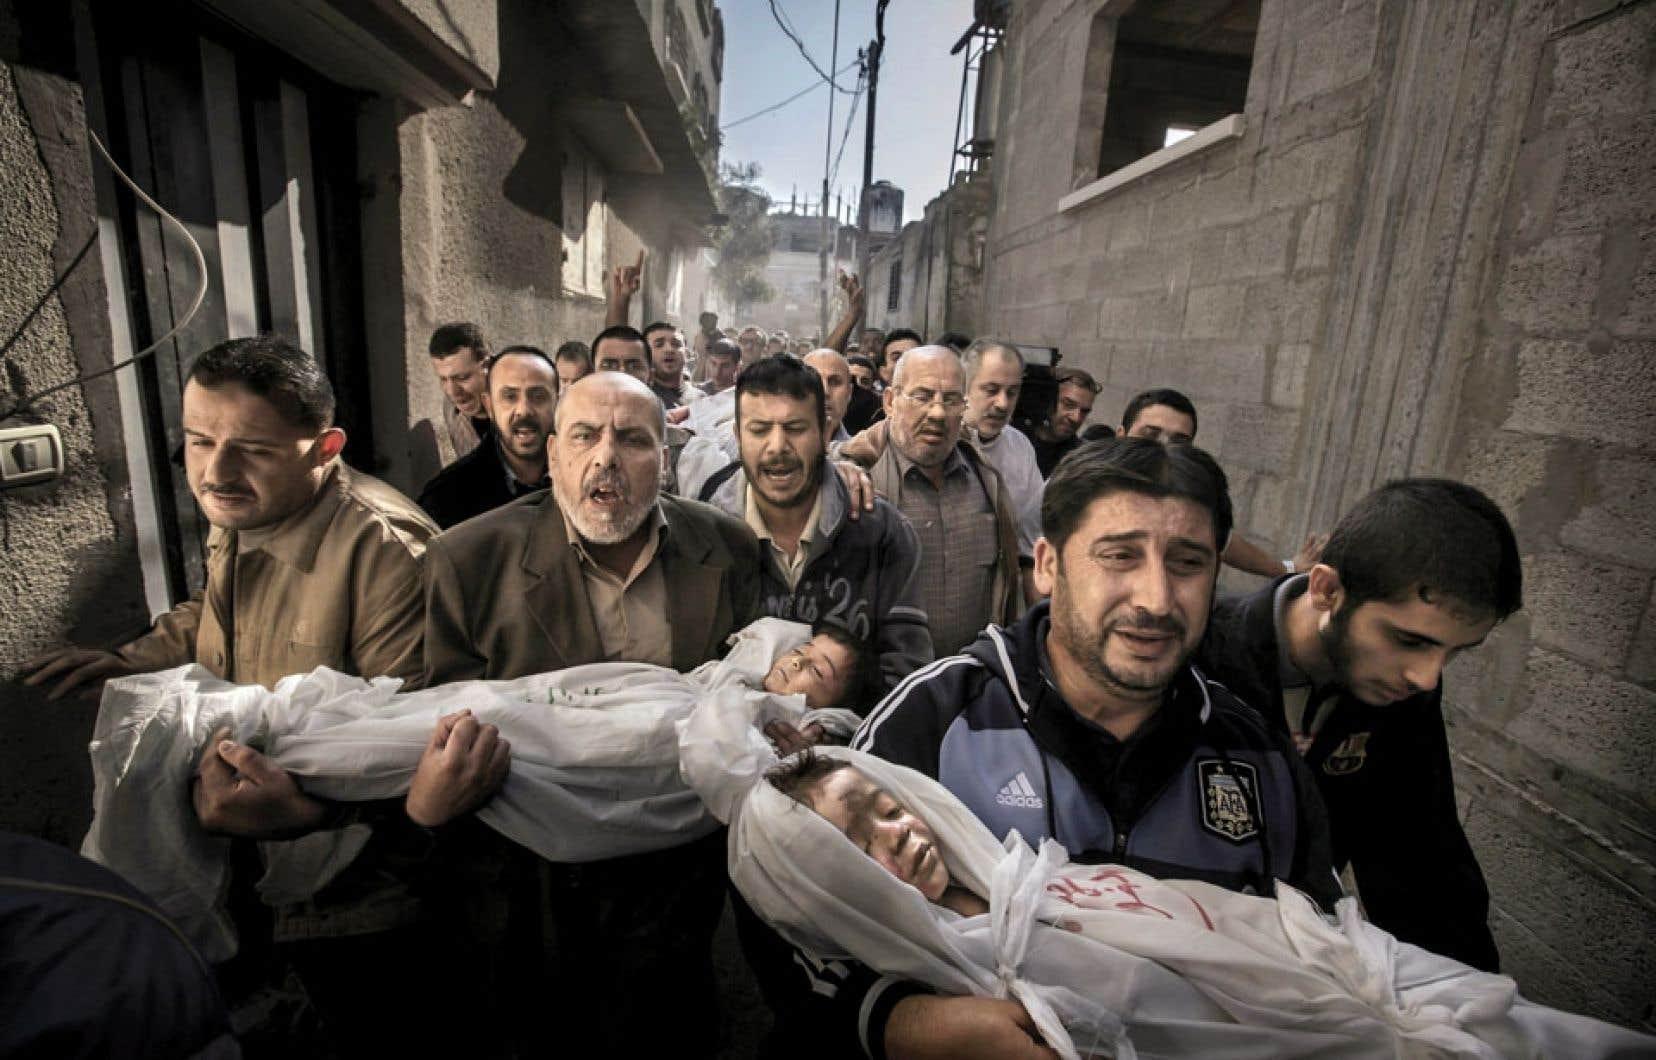 <div> Photographie ayant remporté le World Press 2012, représentant des hommes transportant les cadavres de deux enfants à Gaza.</div>